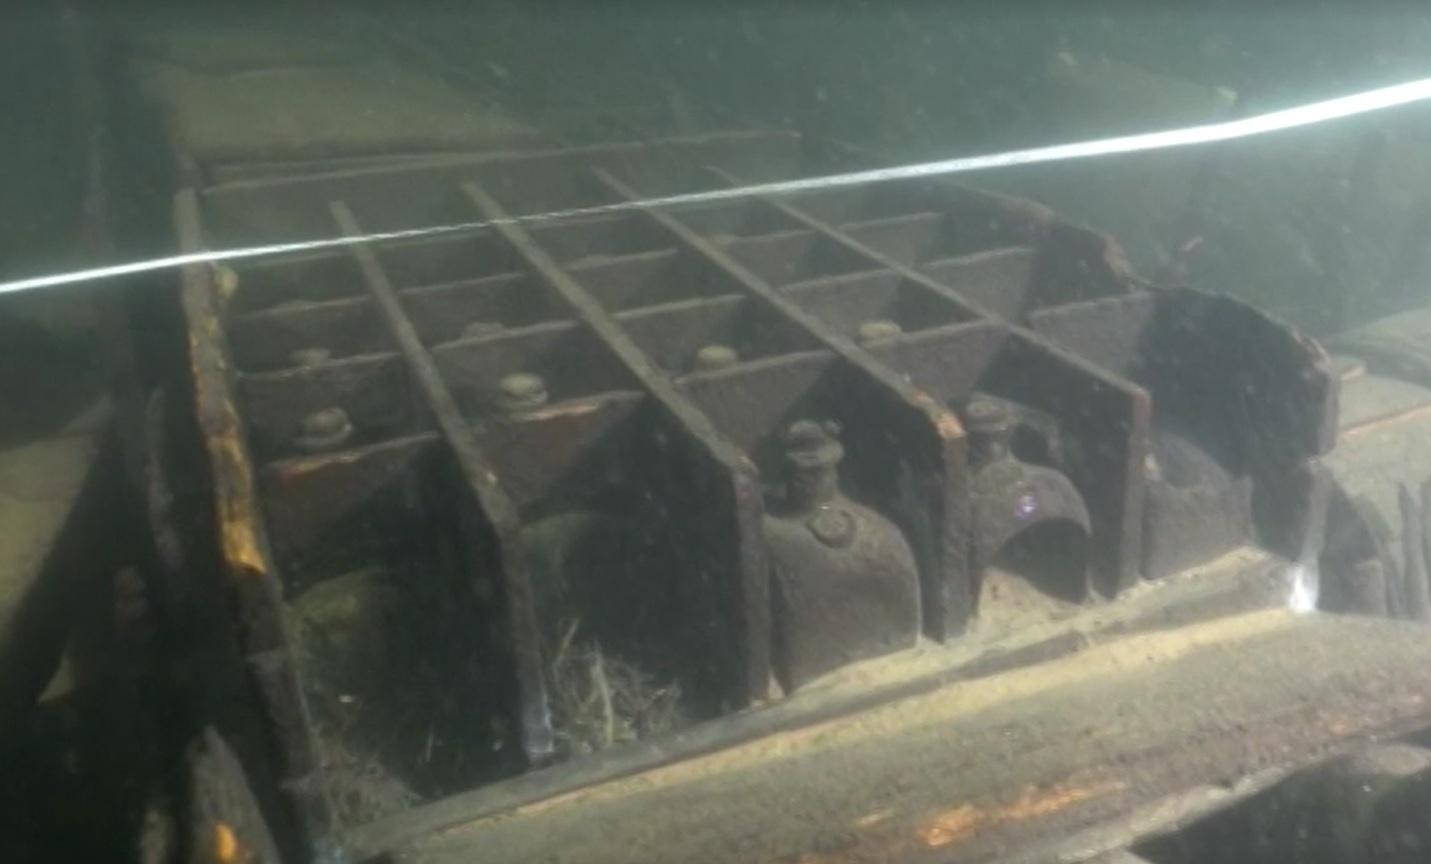 Przypadkowo odkryty wrak z początku XVIII wieku na dnie Zatoki Fińskiej zbadany przez nurków